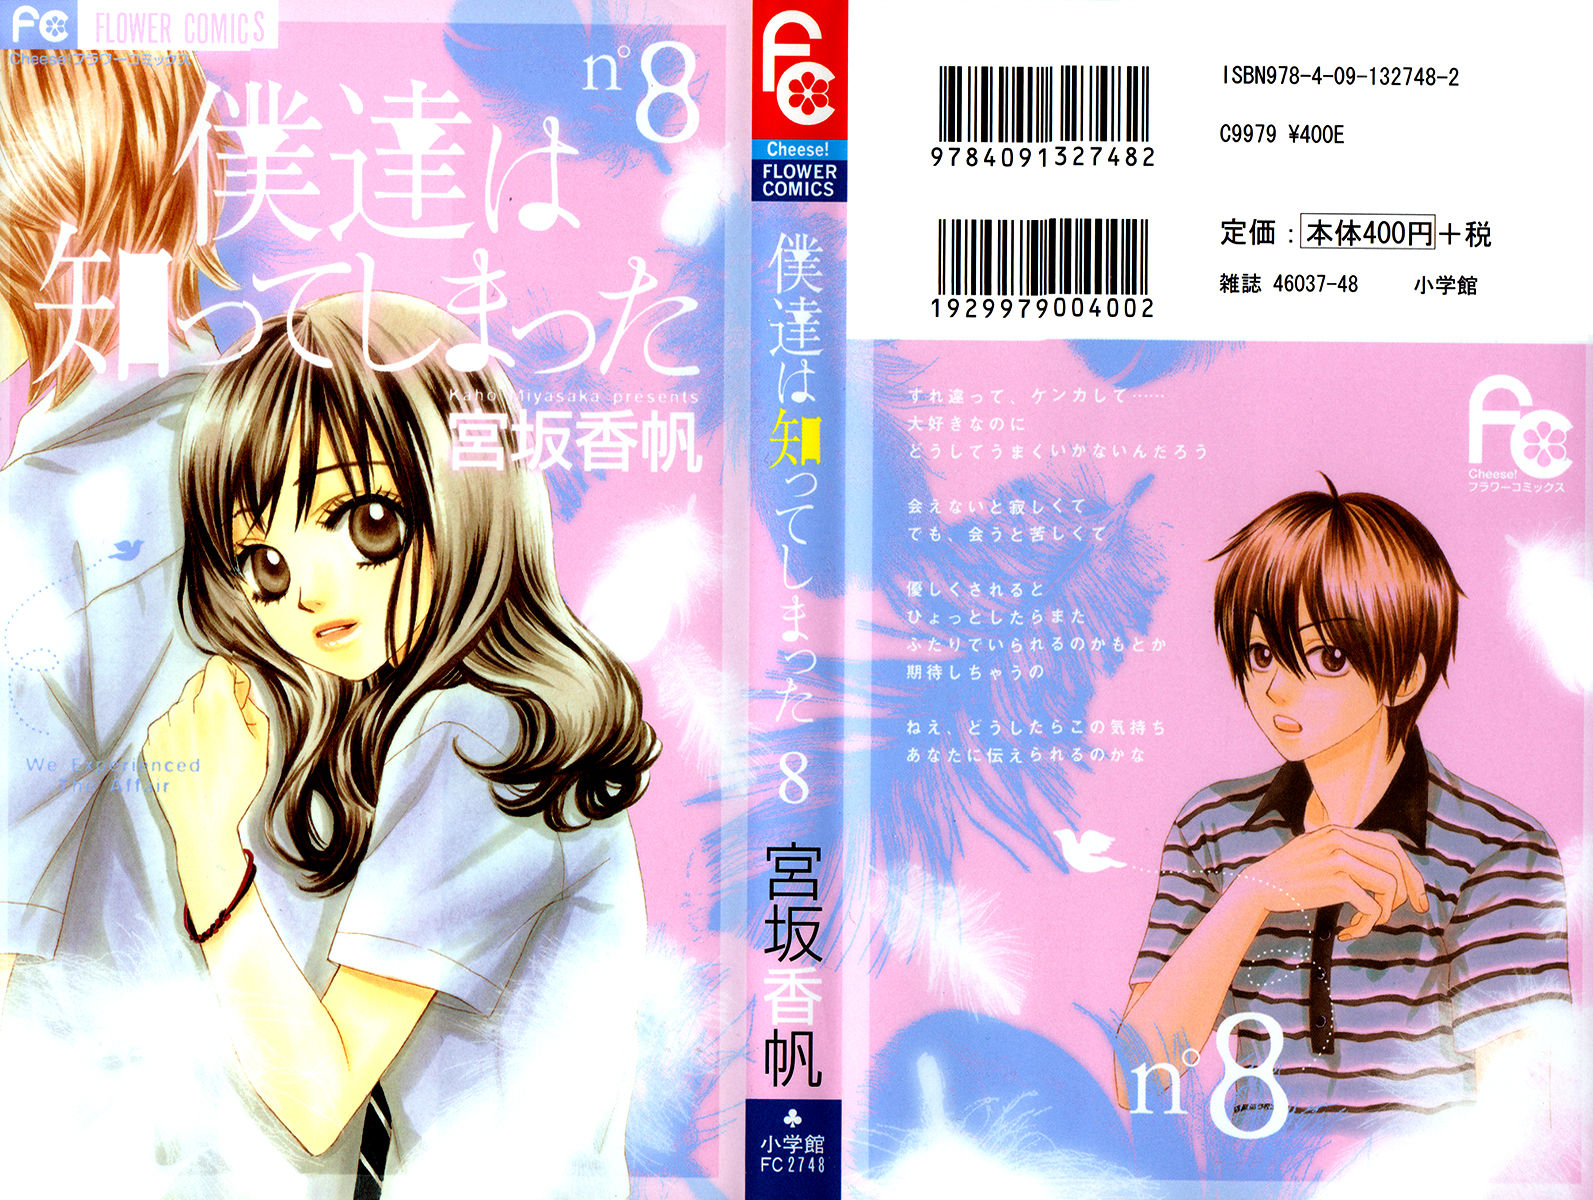 Bokutachi wa Shitte Shimatta 29 Page 1